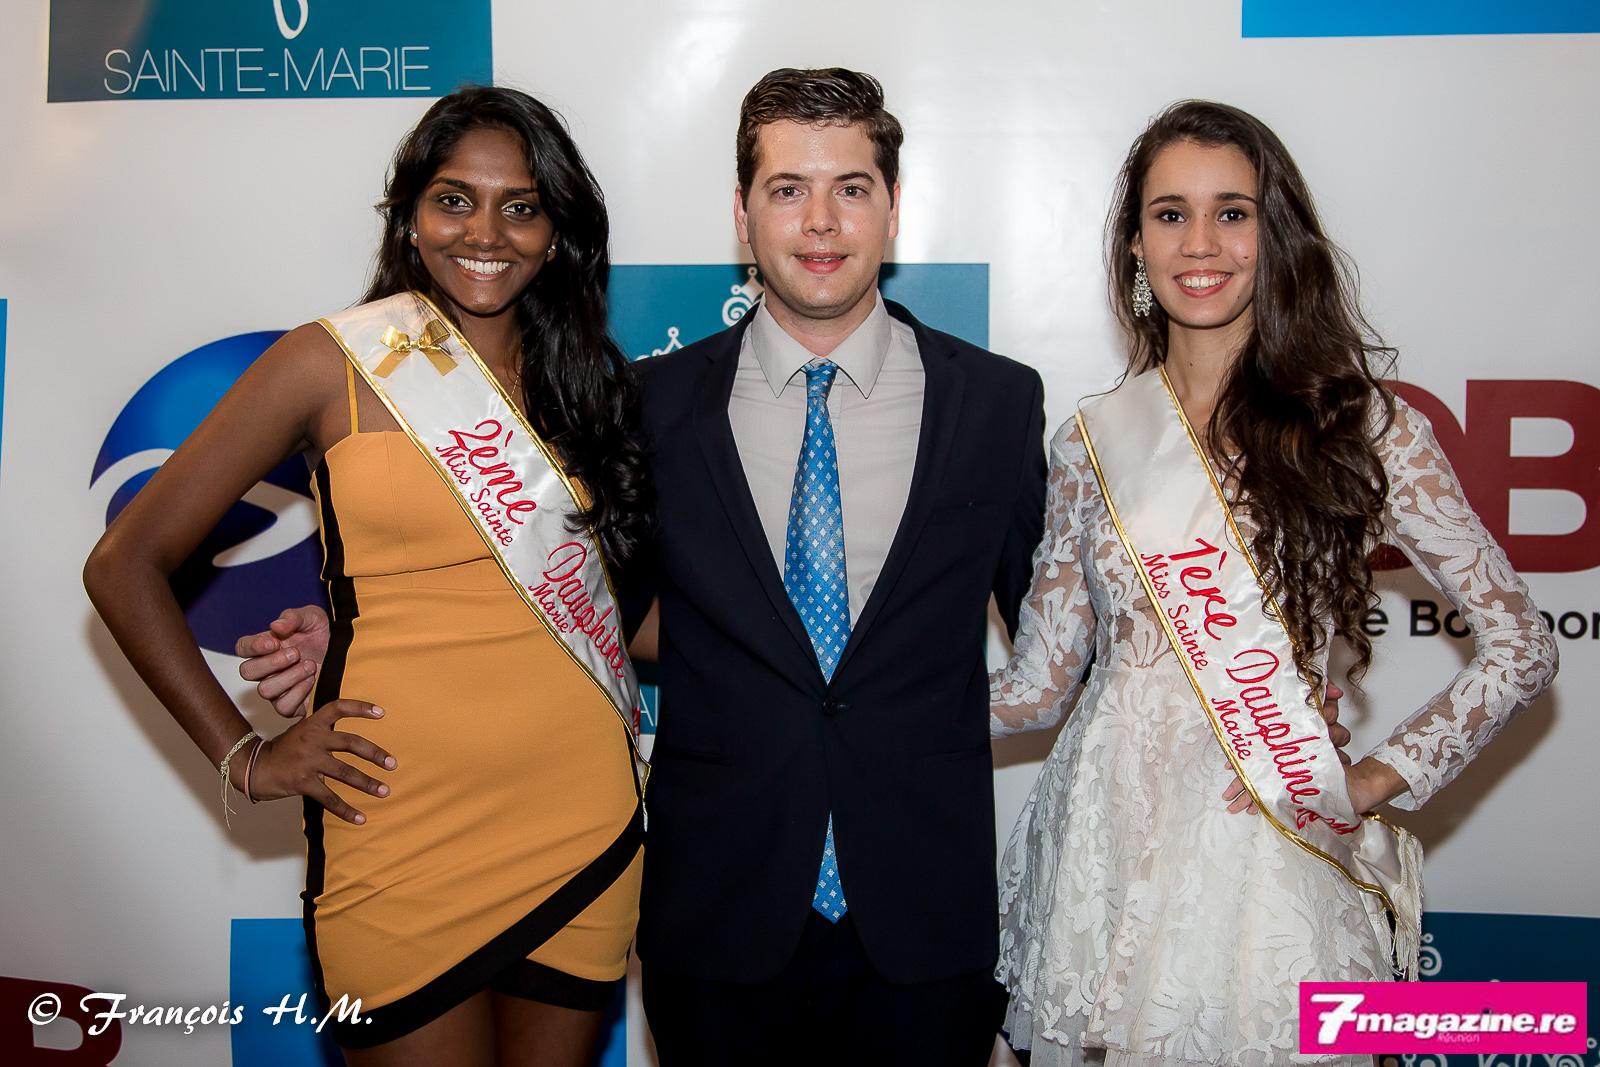 Grégoire Cordeboeuf avec les dauphines Miss Sainte-Marie 2014